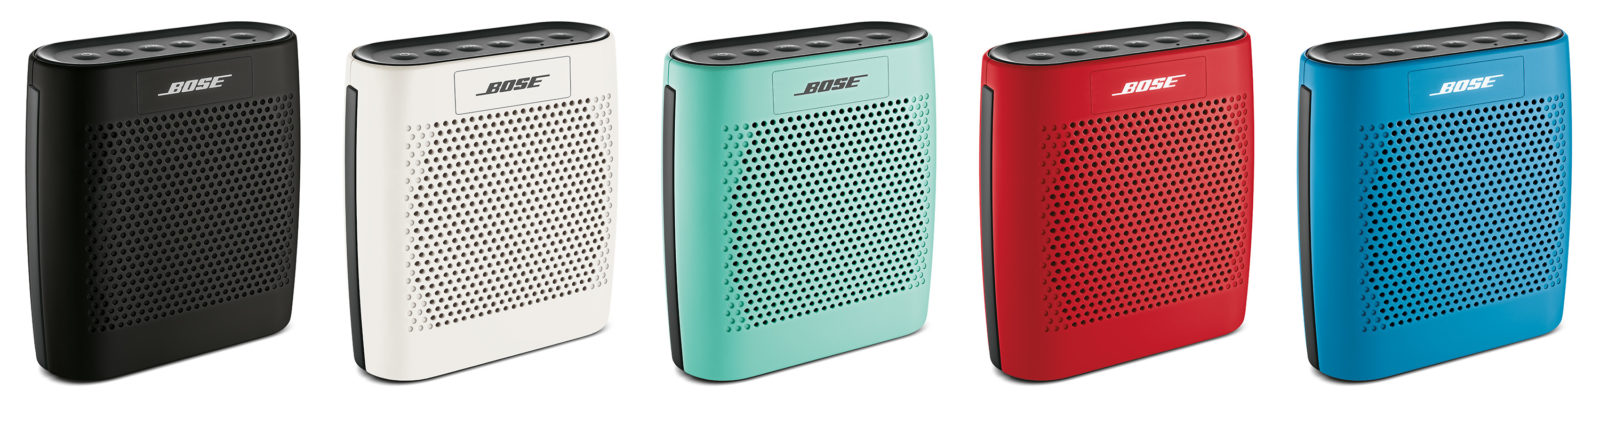 SoundLink_Color_Bluetooth_Speaker_1321_6